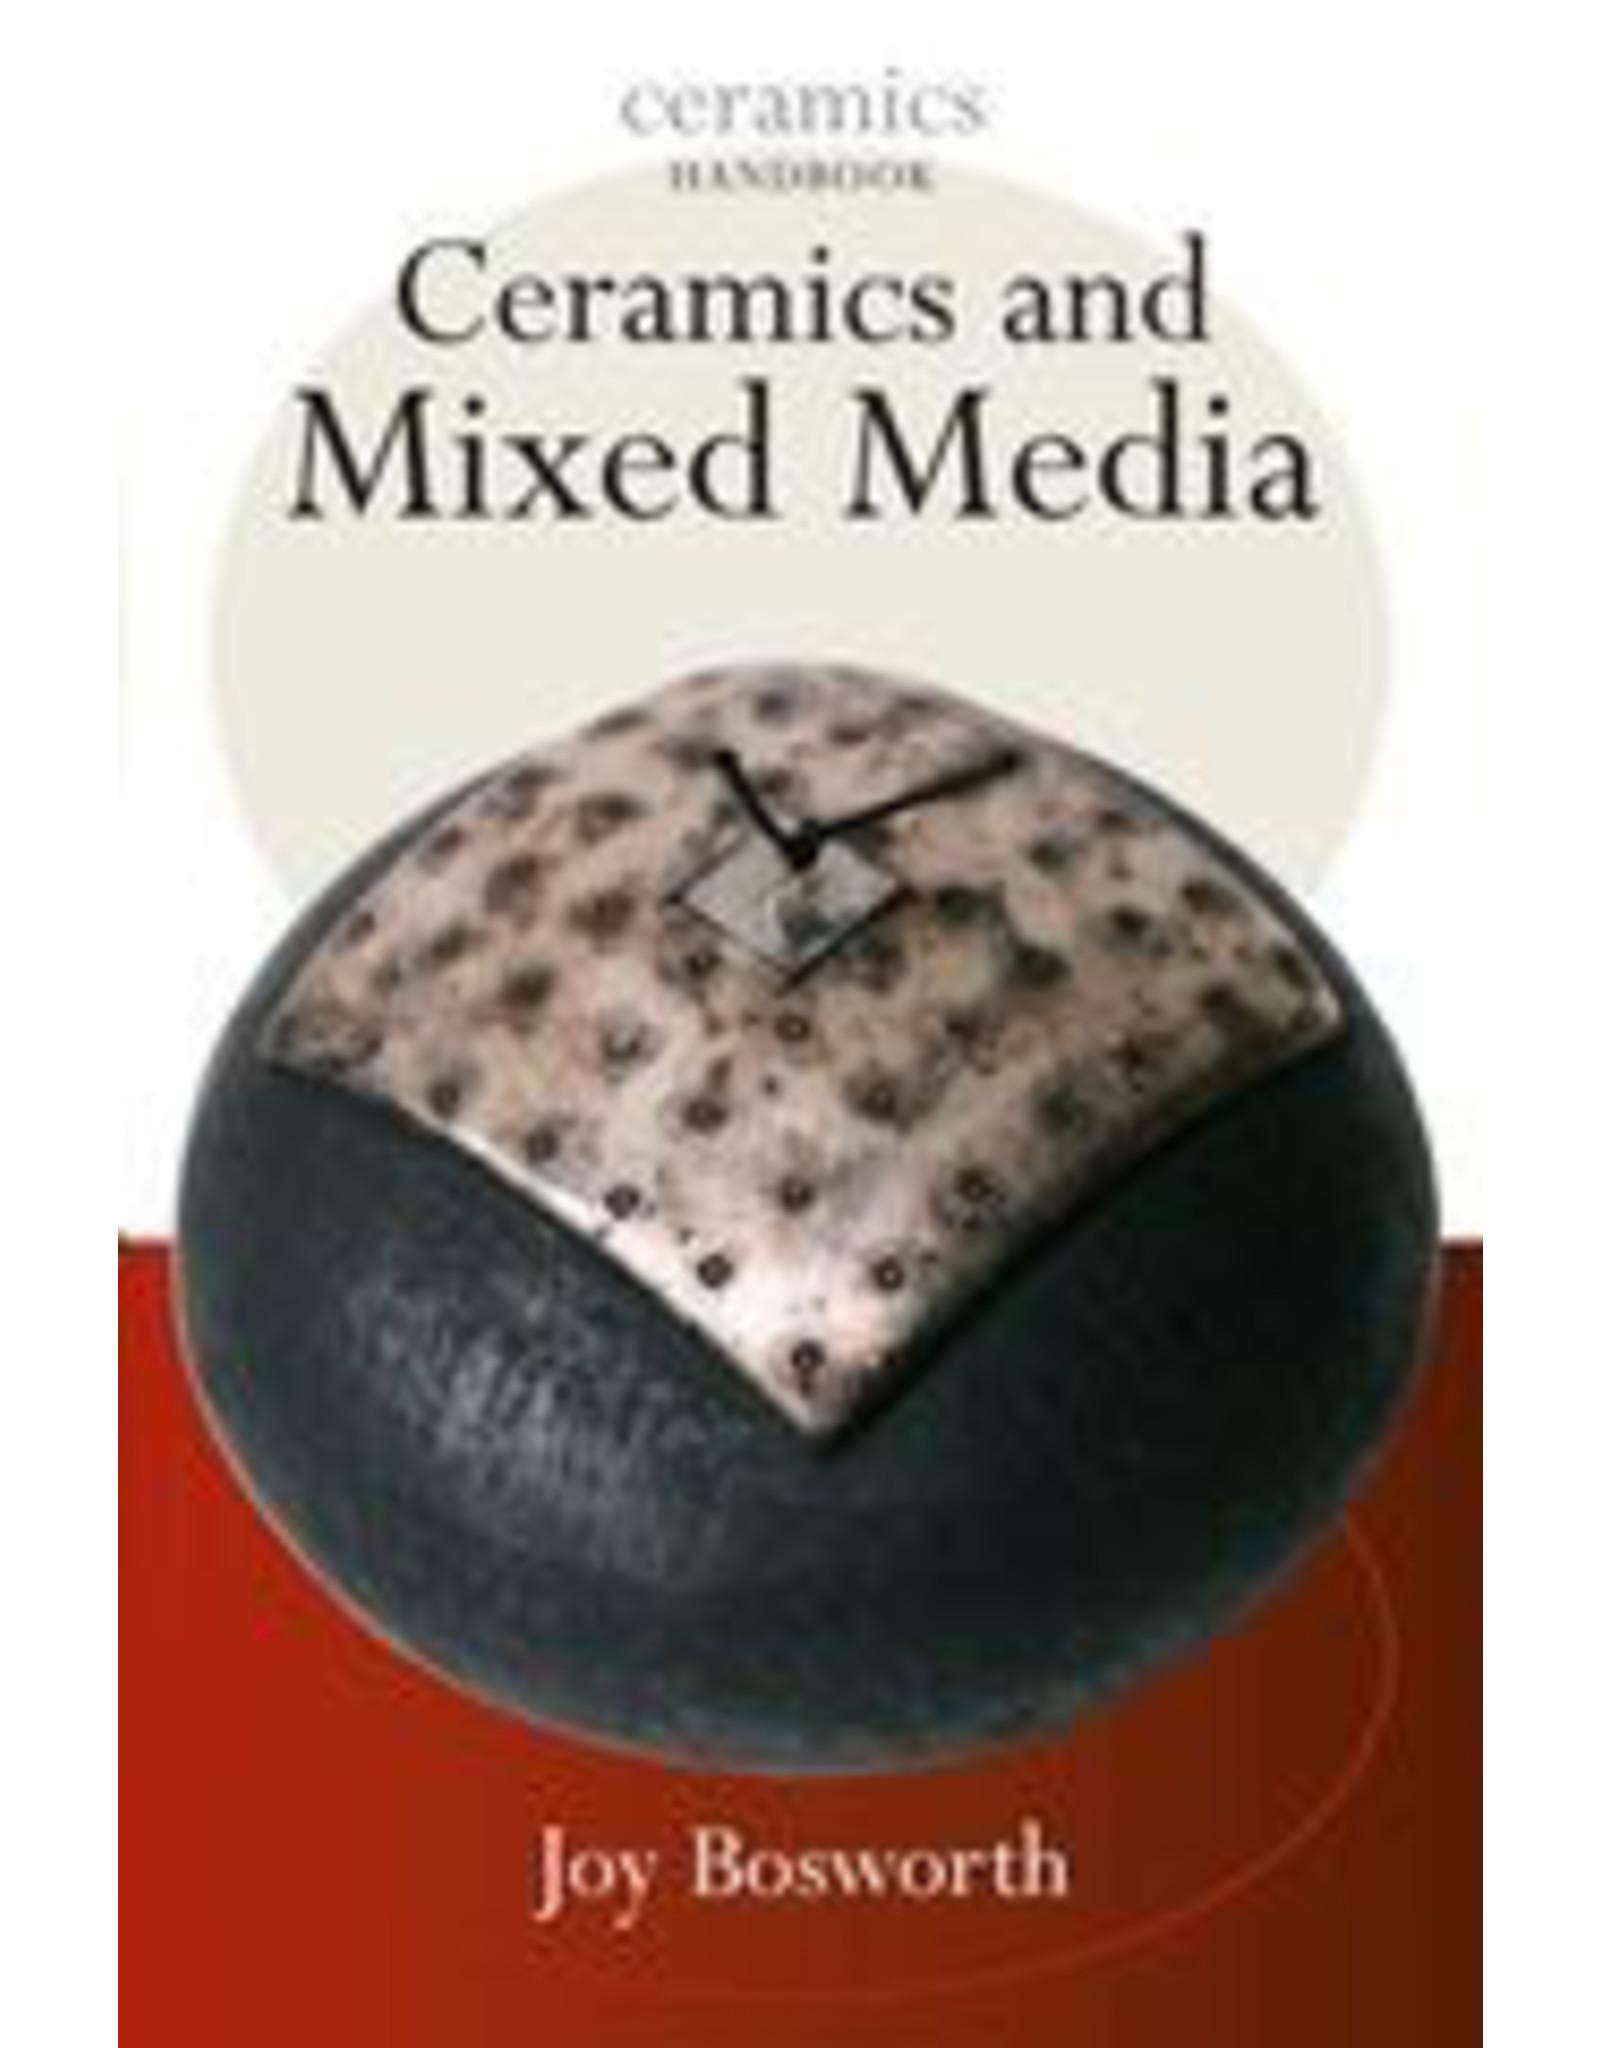 Ceramics with Mixed Media : Joy Bosworth